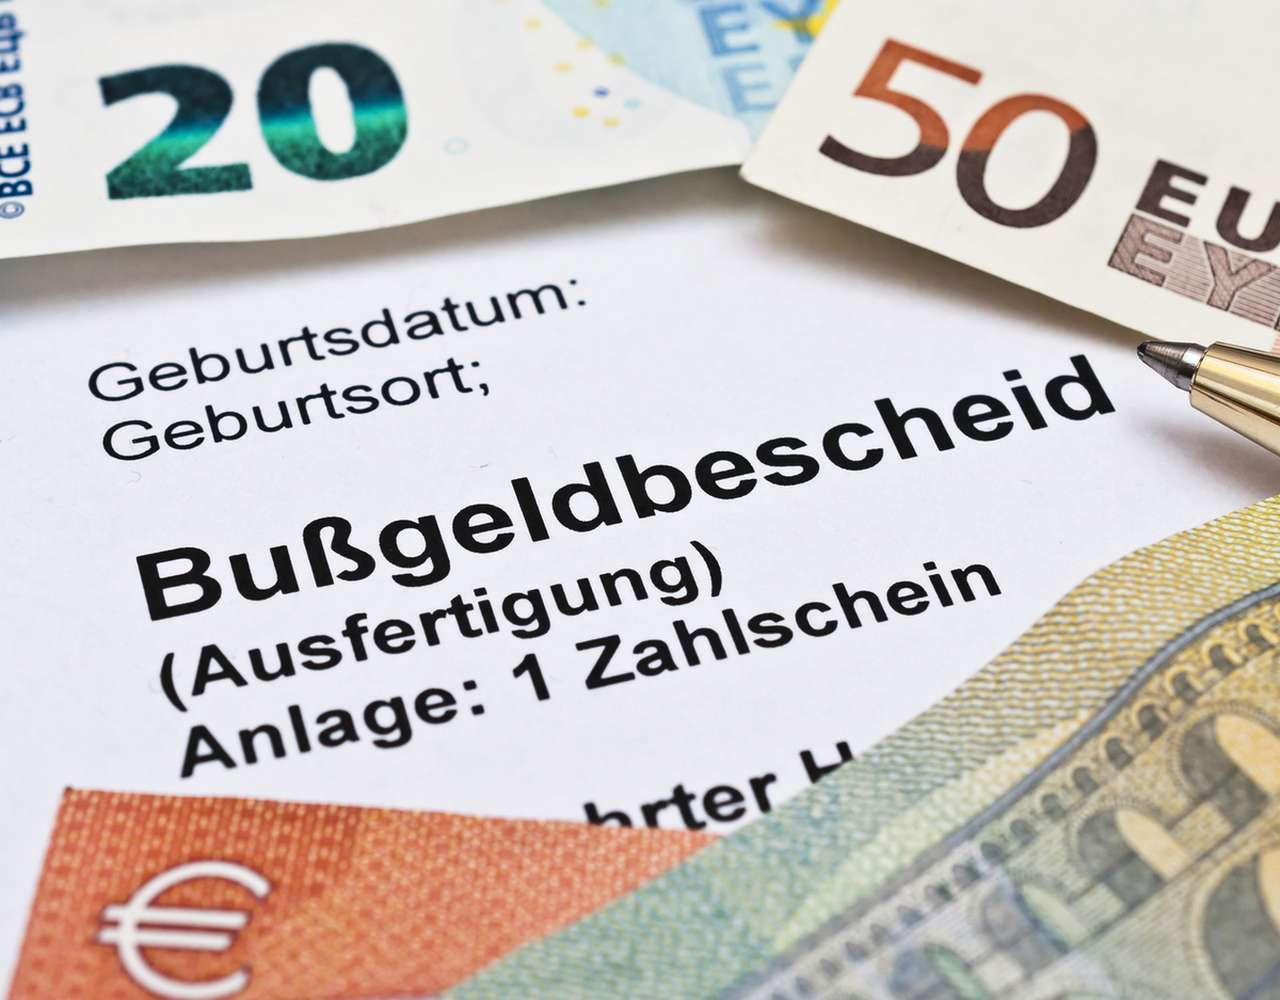 bußgeld-Tarneden-Rechtsanwalt-Hannover